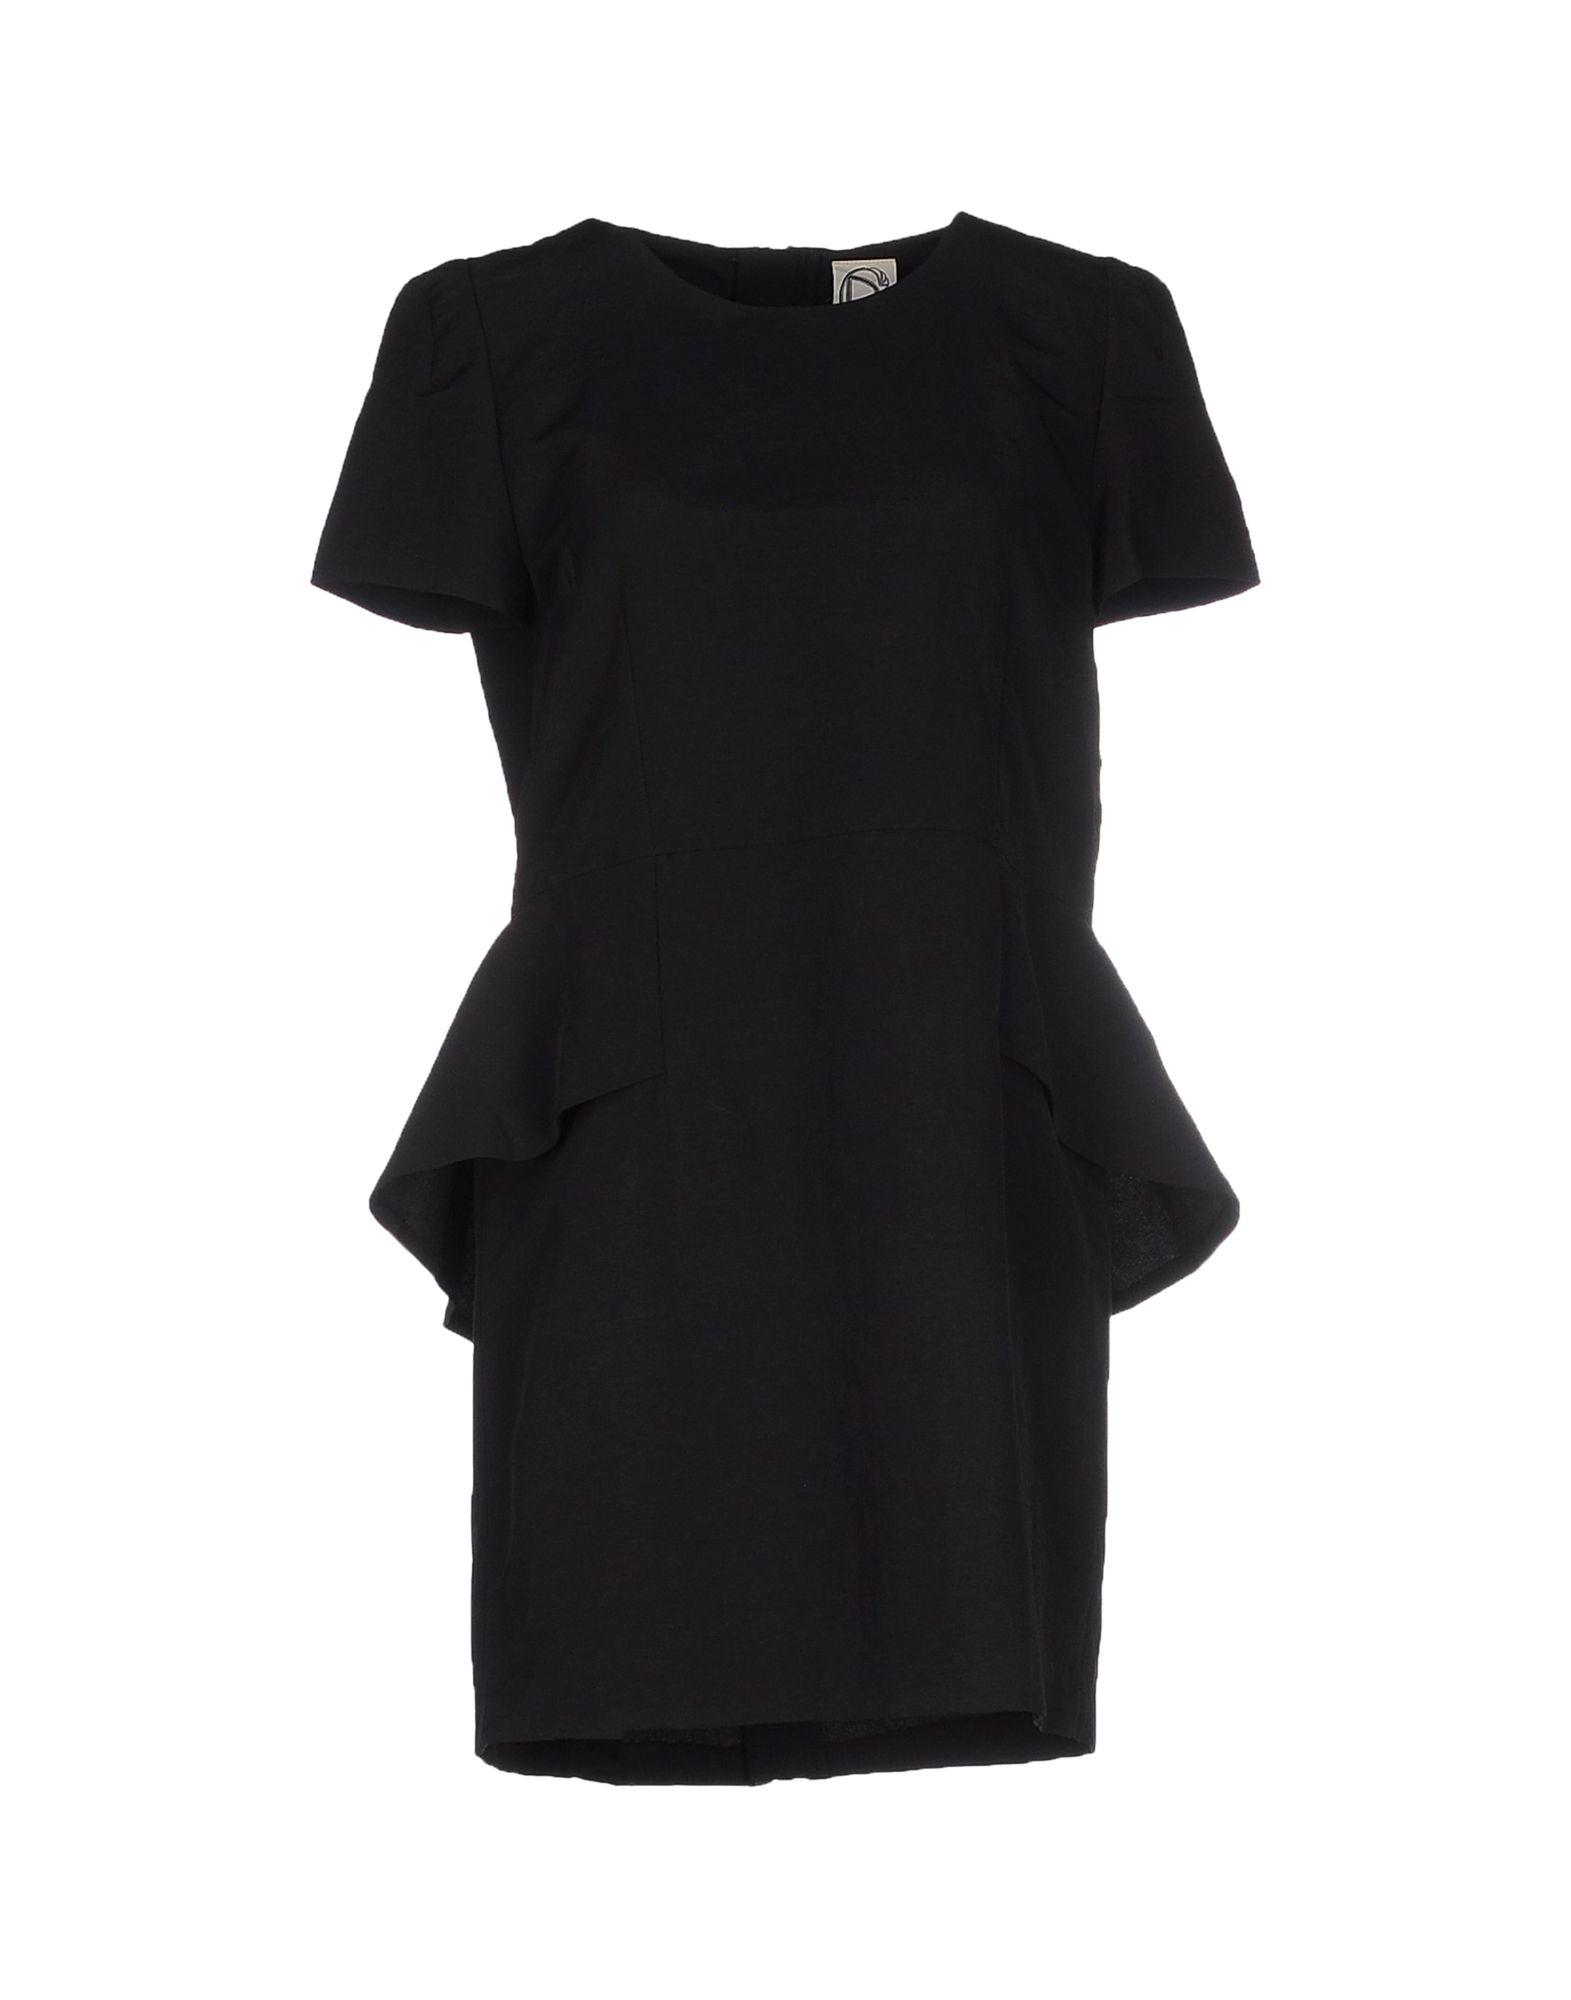 DRESS GALLERY Damen Kurzes Kleid Farbe Schwarz Größe 5